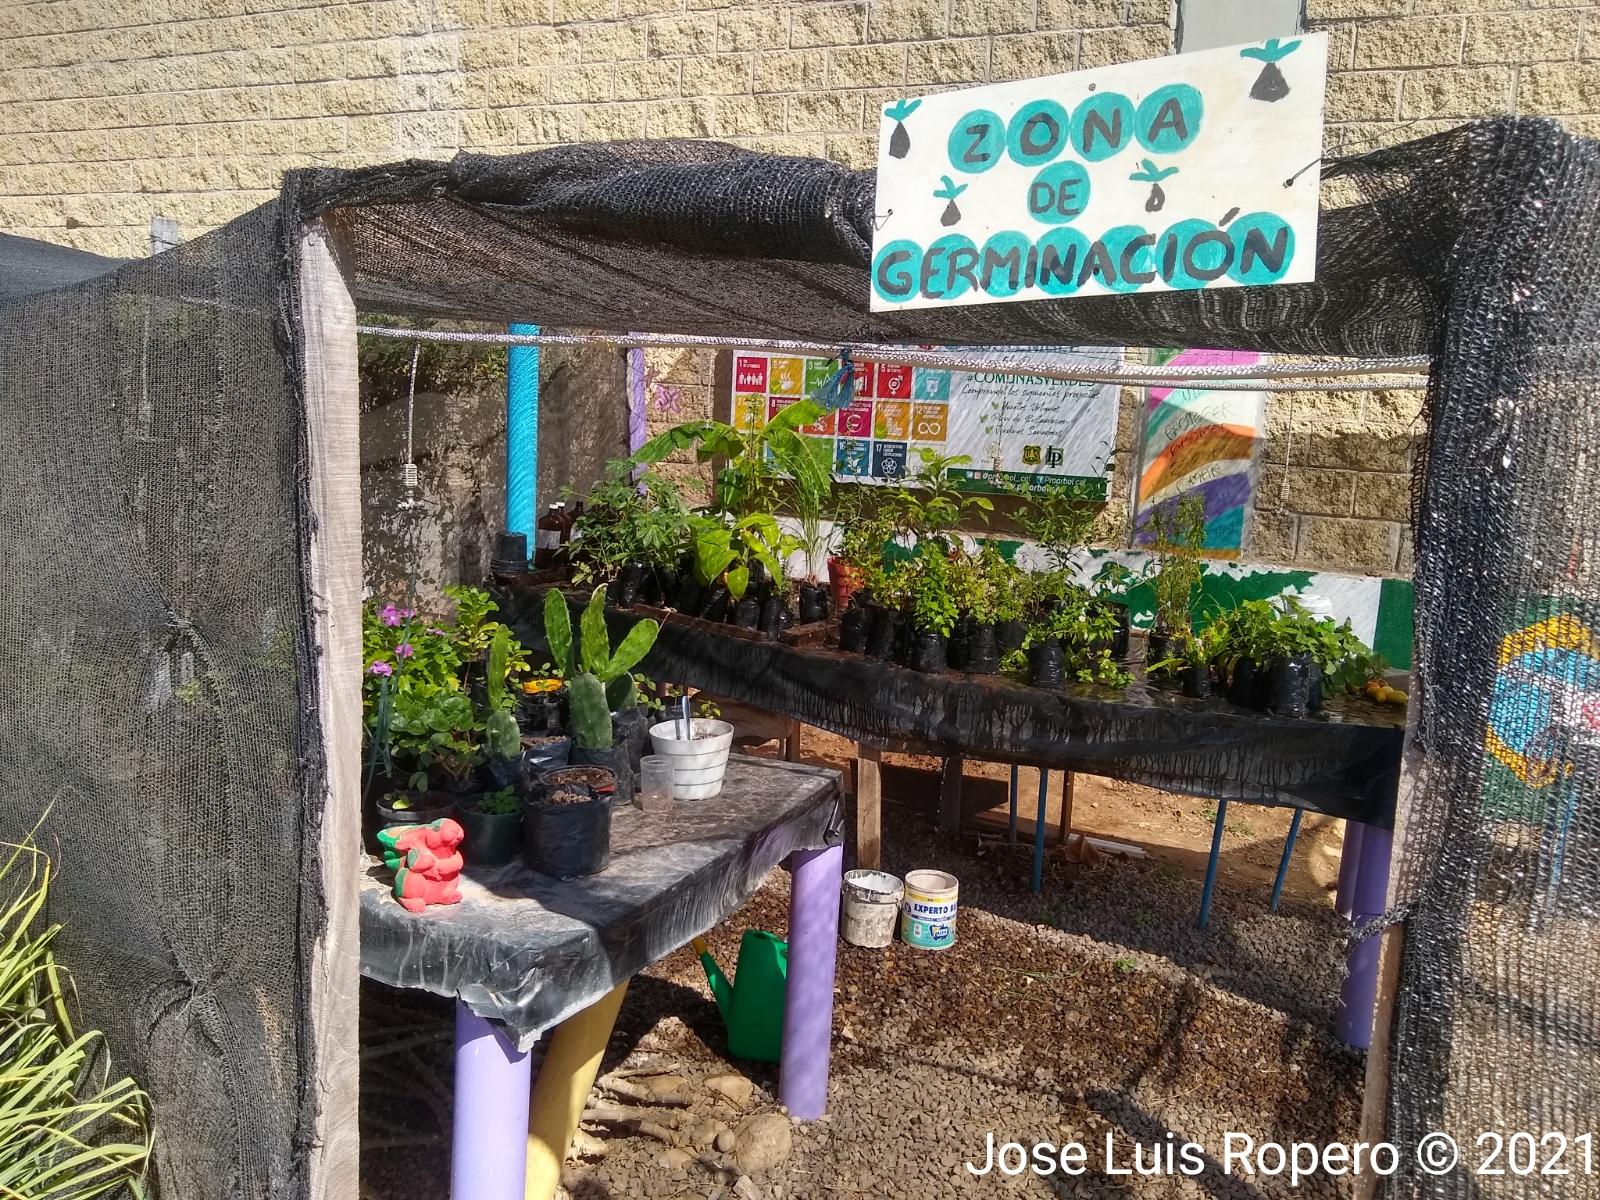 Zona de germinacion de verduras del huerto